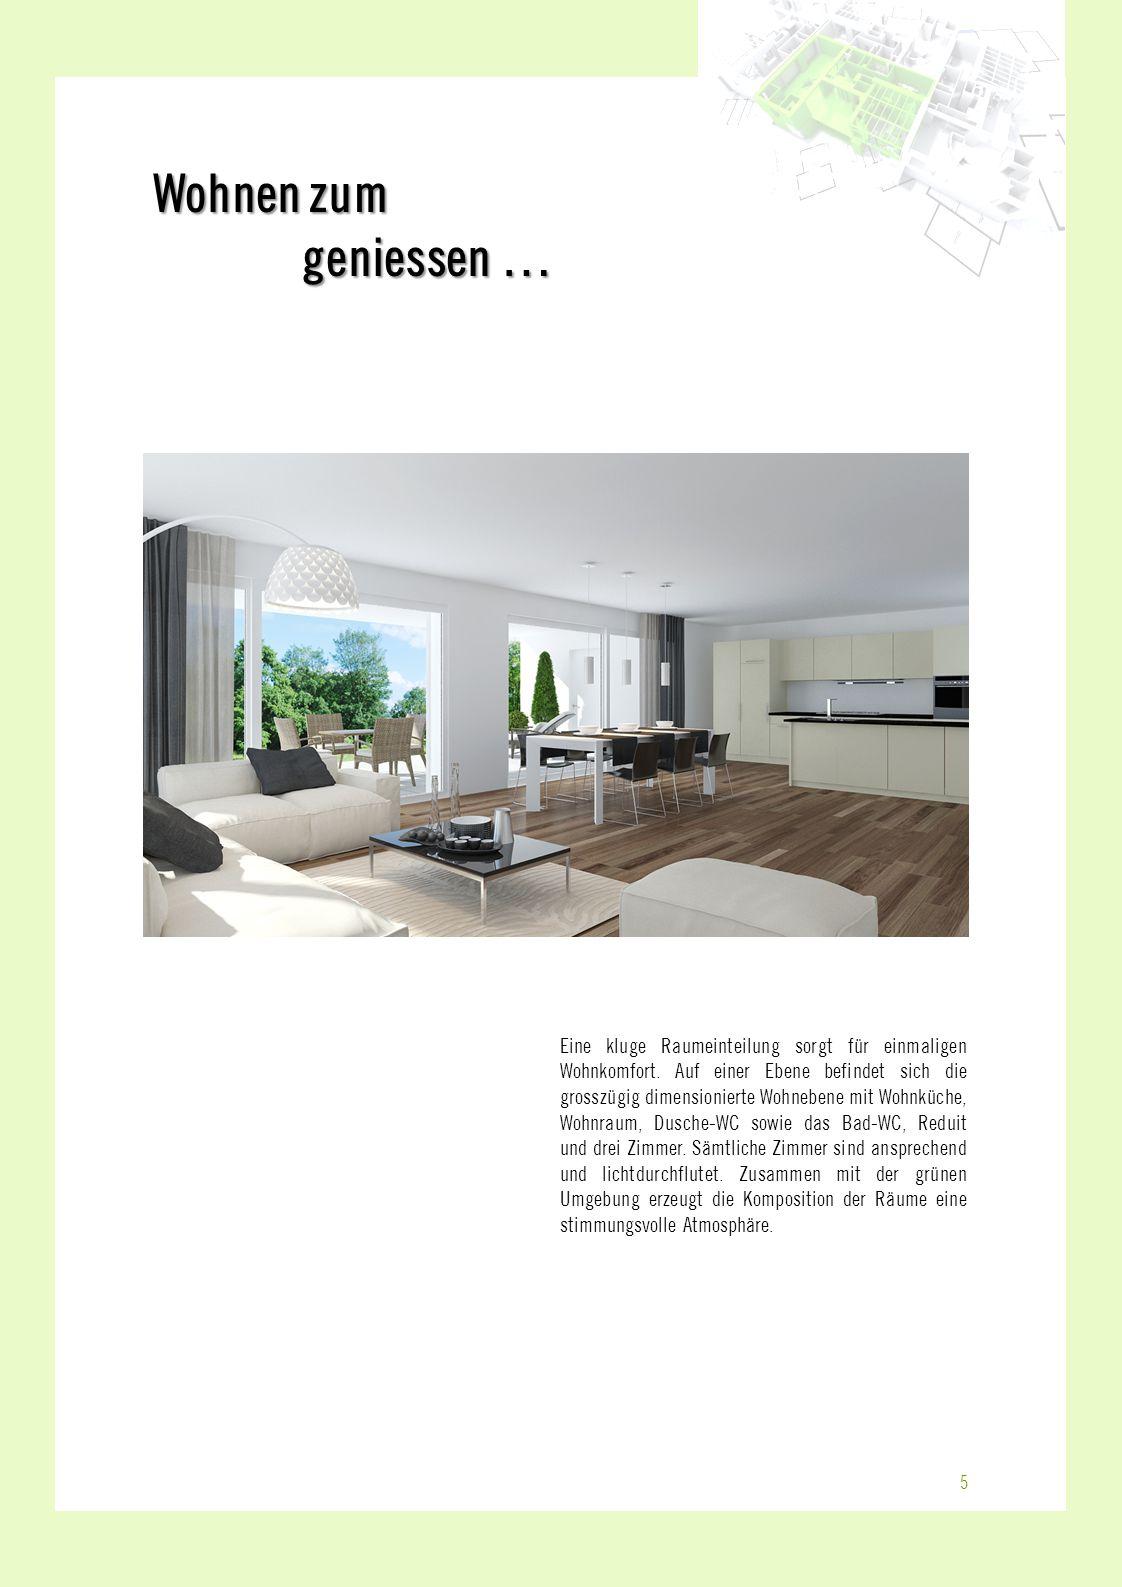 Wohnen zum geniessen … Eine kluge Raumeinteilung sorgt für einmaligen Wohnkomfort. Auf einer Ebene befindet sich die grosszügig dimensionierte Wohnebe